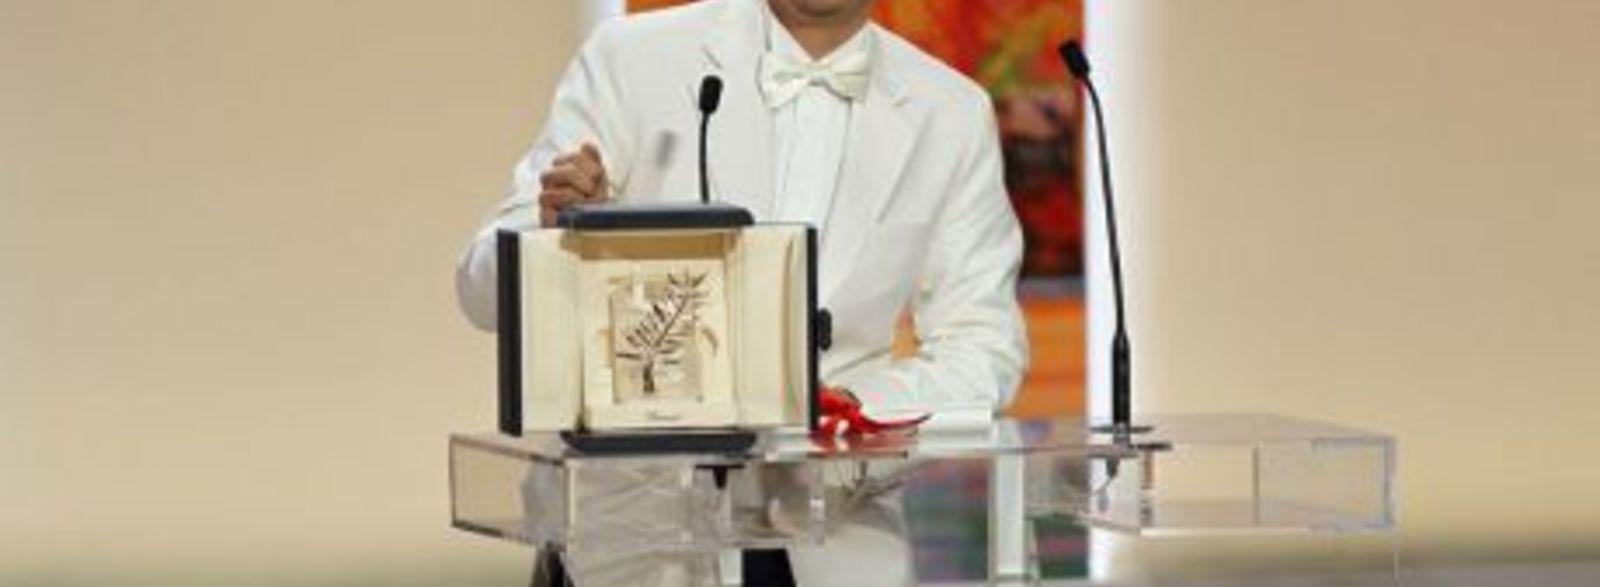 Cannes 2010: Un palmarès très réjouissant, la Palme d'or à «Oncle Boonmee…» d'Apichatpong Weerasethakul